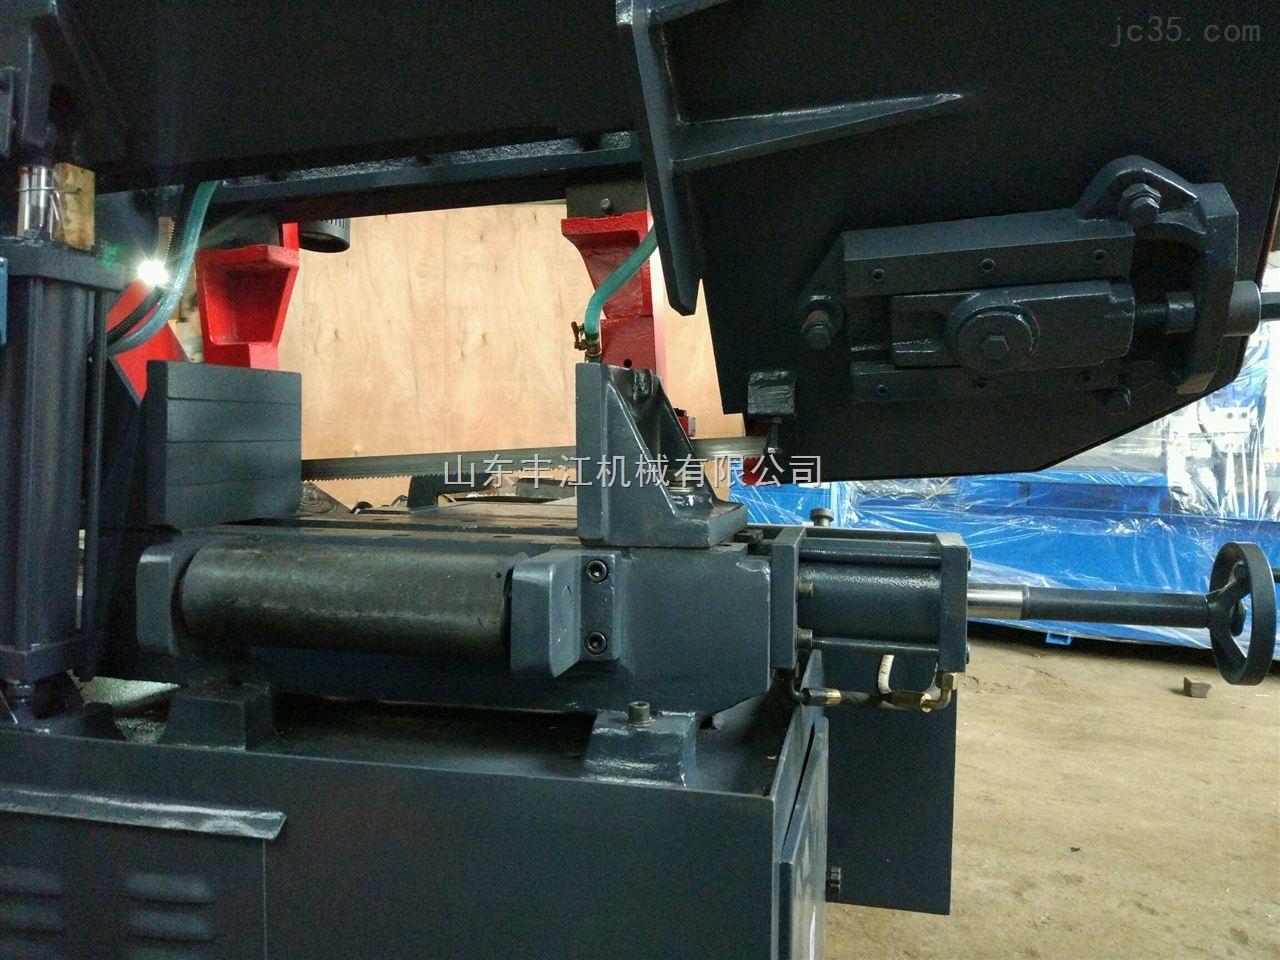 供应车床金属带锯床卧式带锯床gb4028厂家直销价格优惠